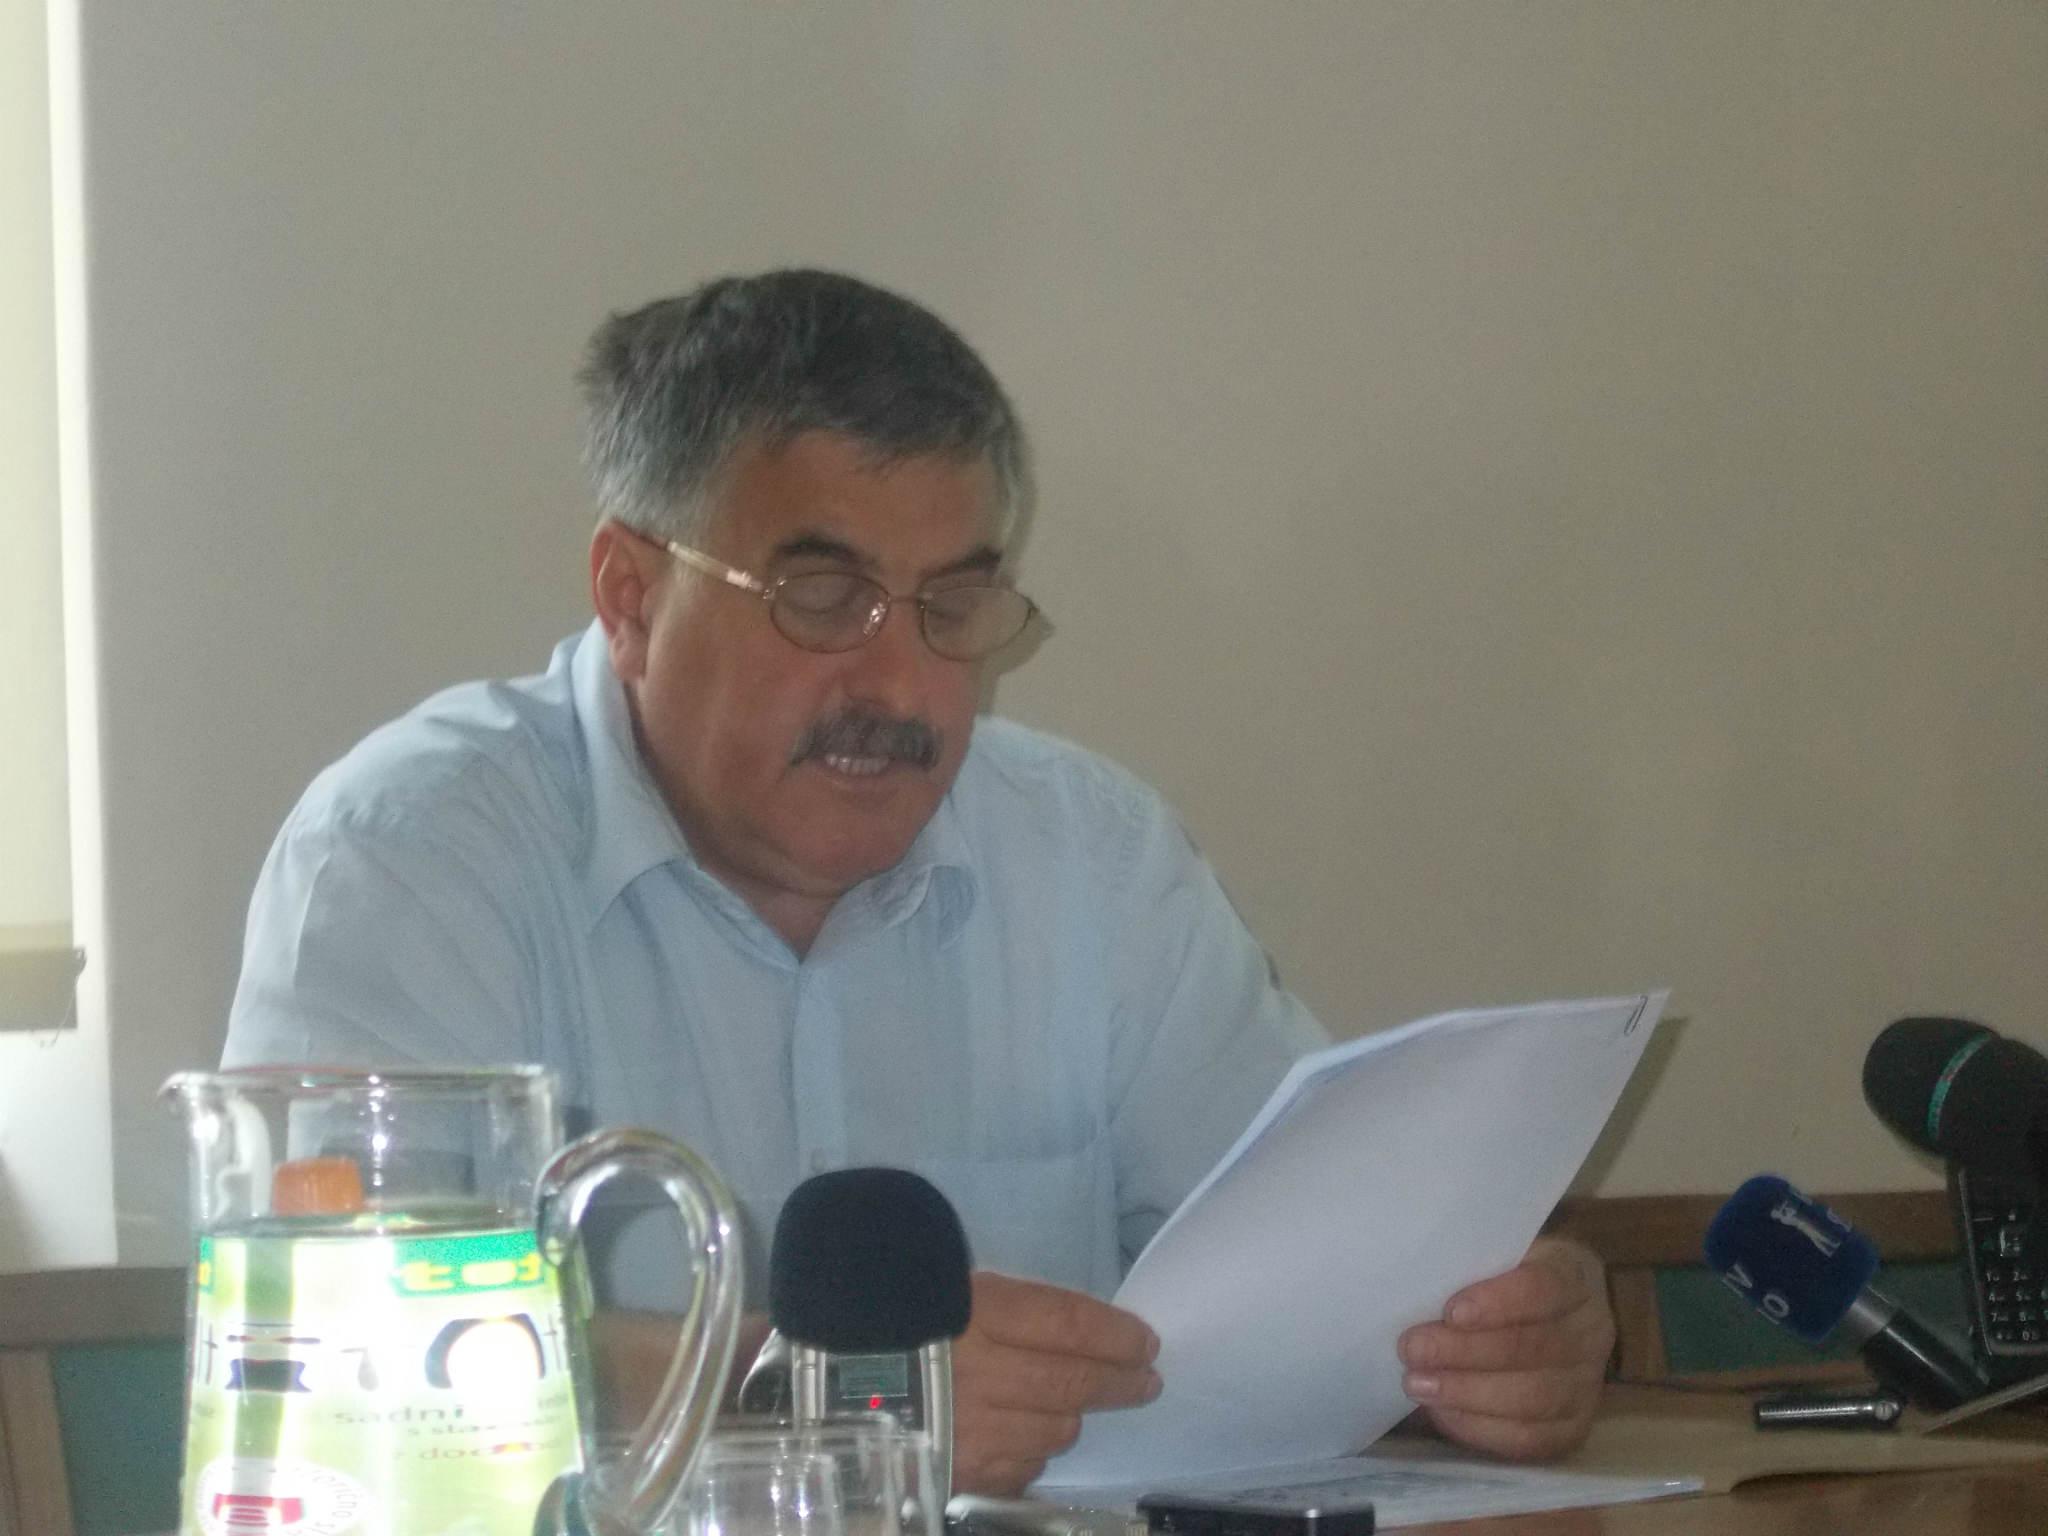 Zbiranje podpisov pod peticijo za izgradnjo hitre ceste Ormož – Hajdina se je že začelo